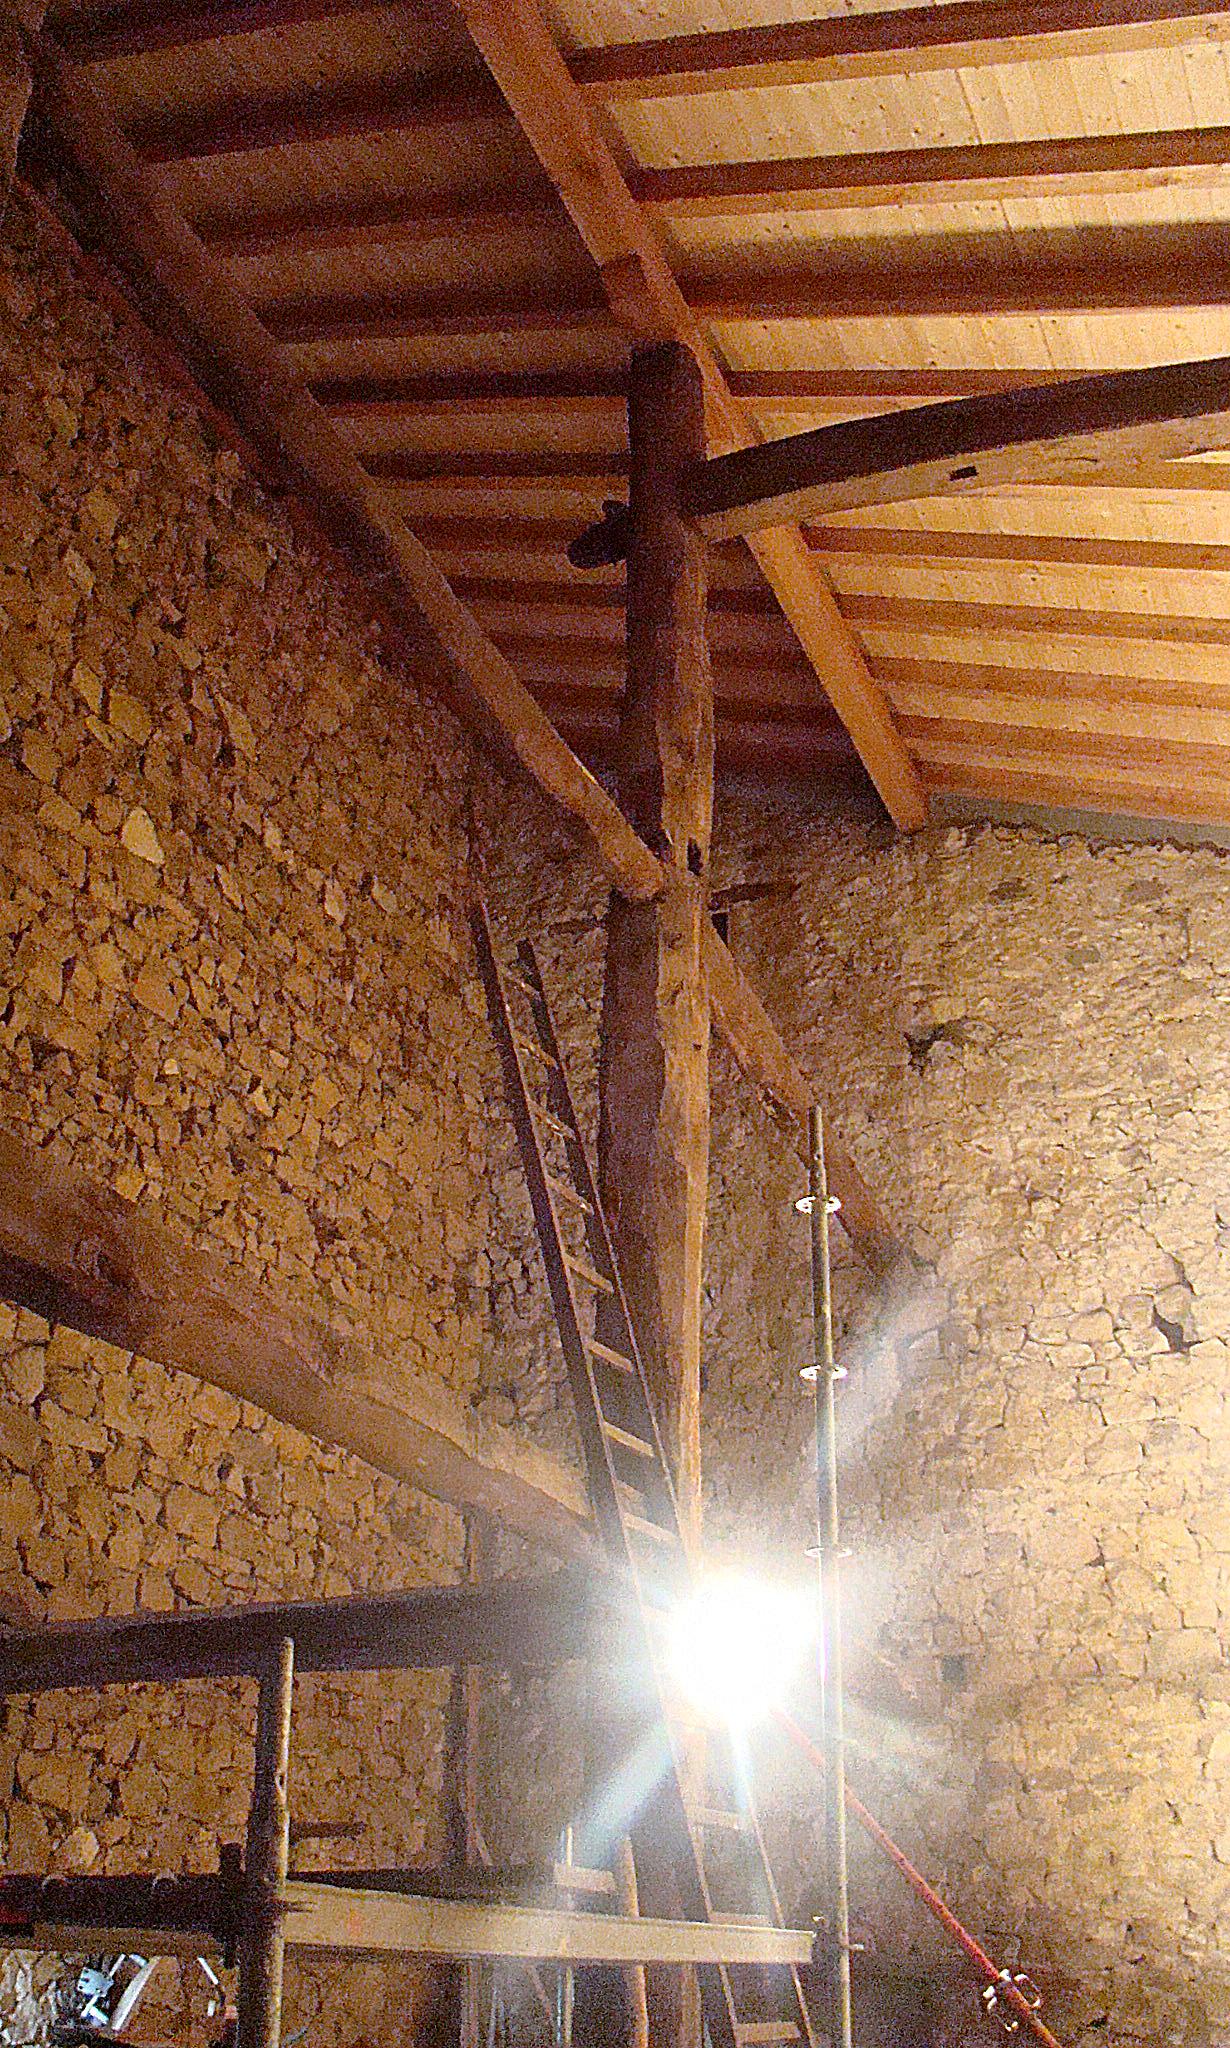 Vigas y pilares de madera maab arquitectura - Estructura madera laminada ...